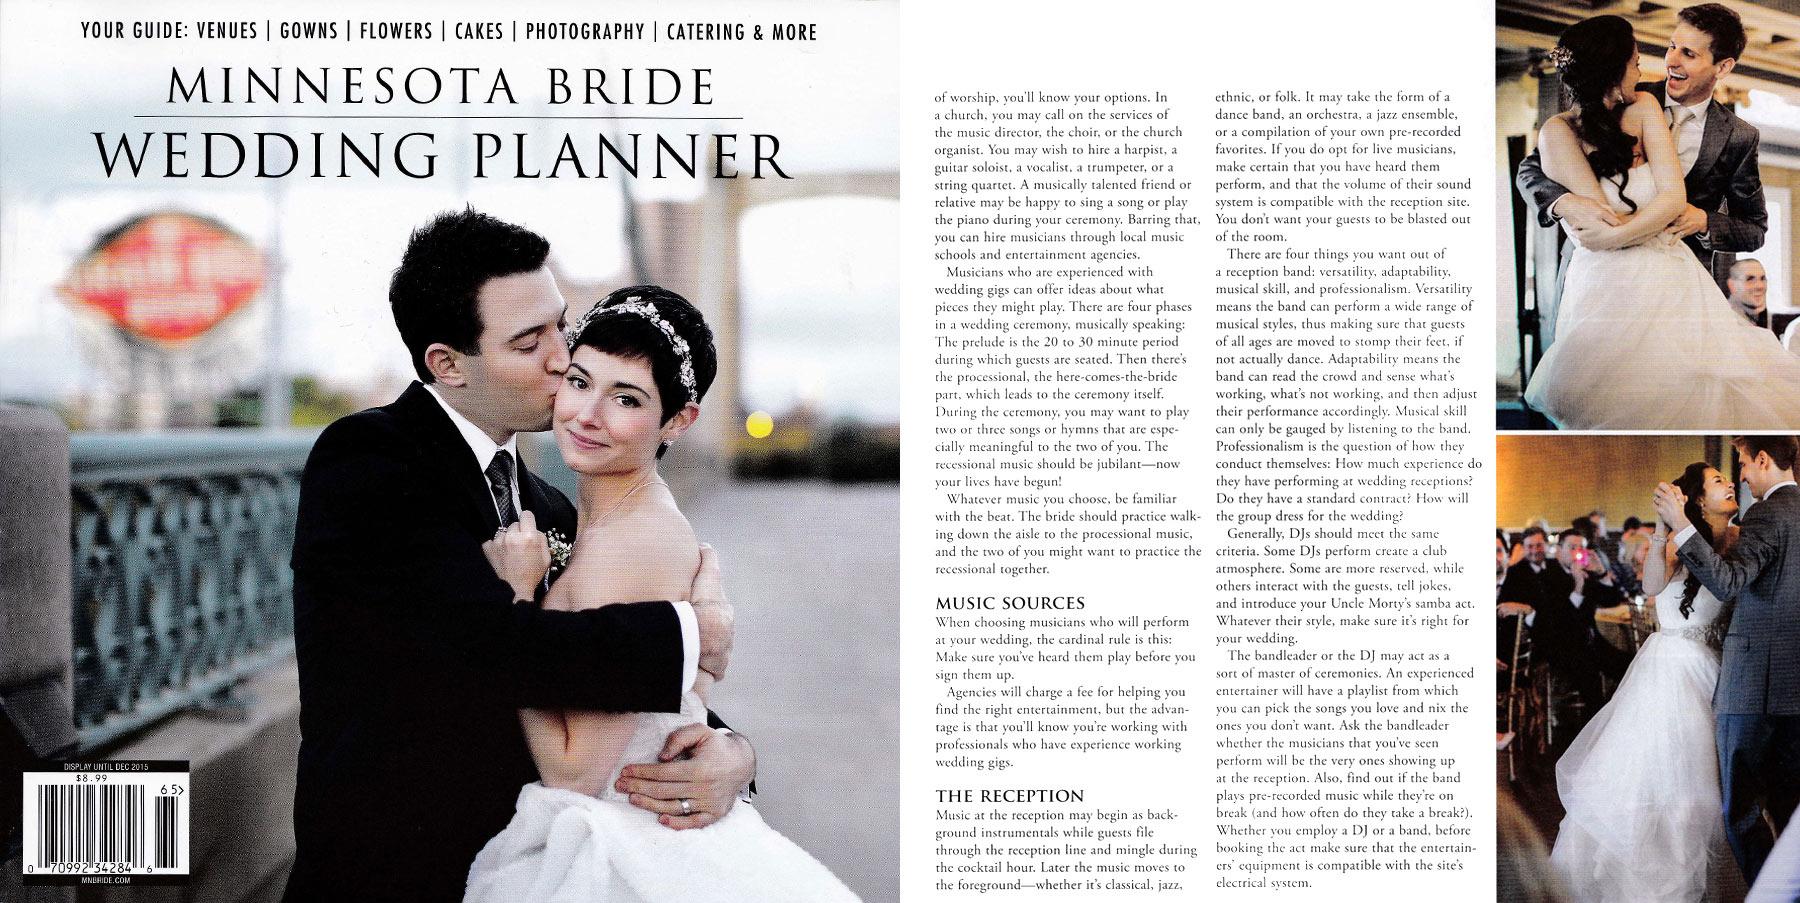 2015 MN BRIDE WEDDING PLANNER -